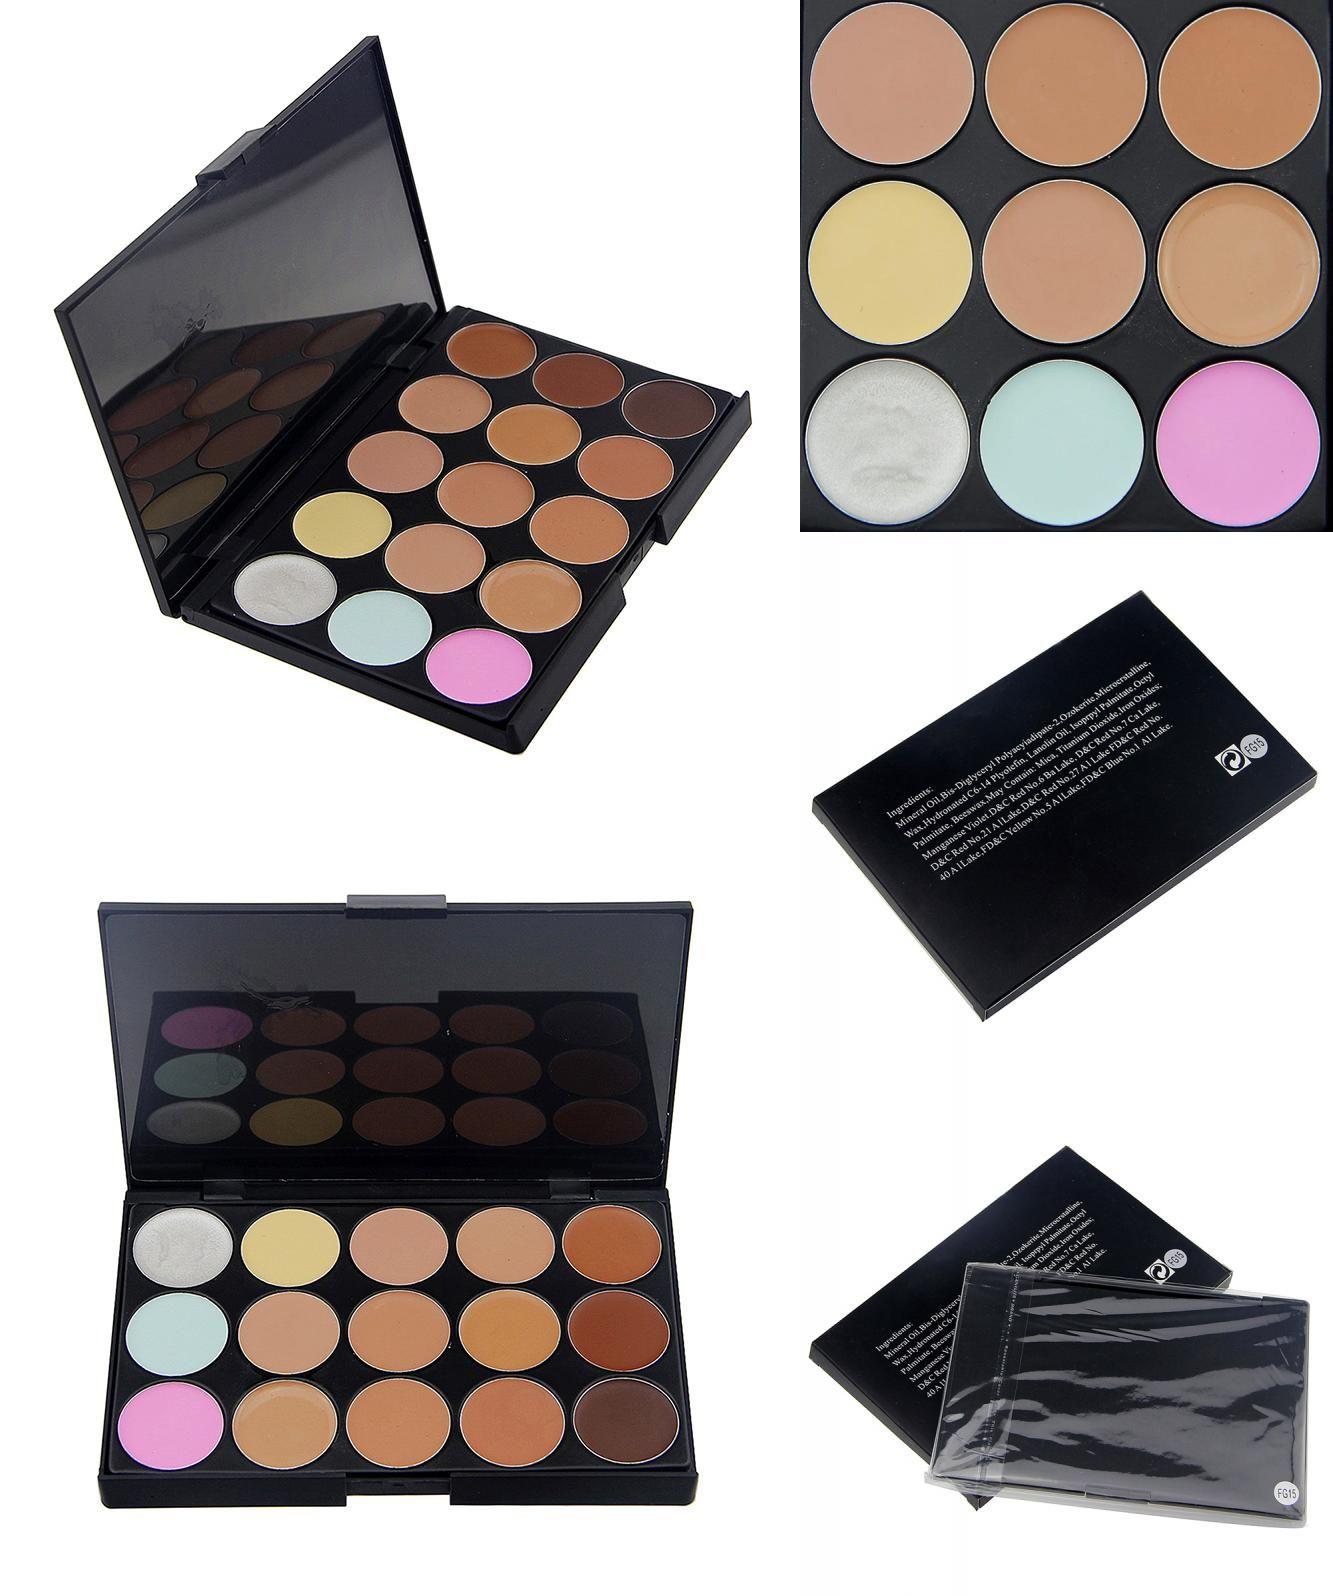 [Visit to Buy] Amazing 15 Color Set Contour Makeup